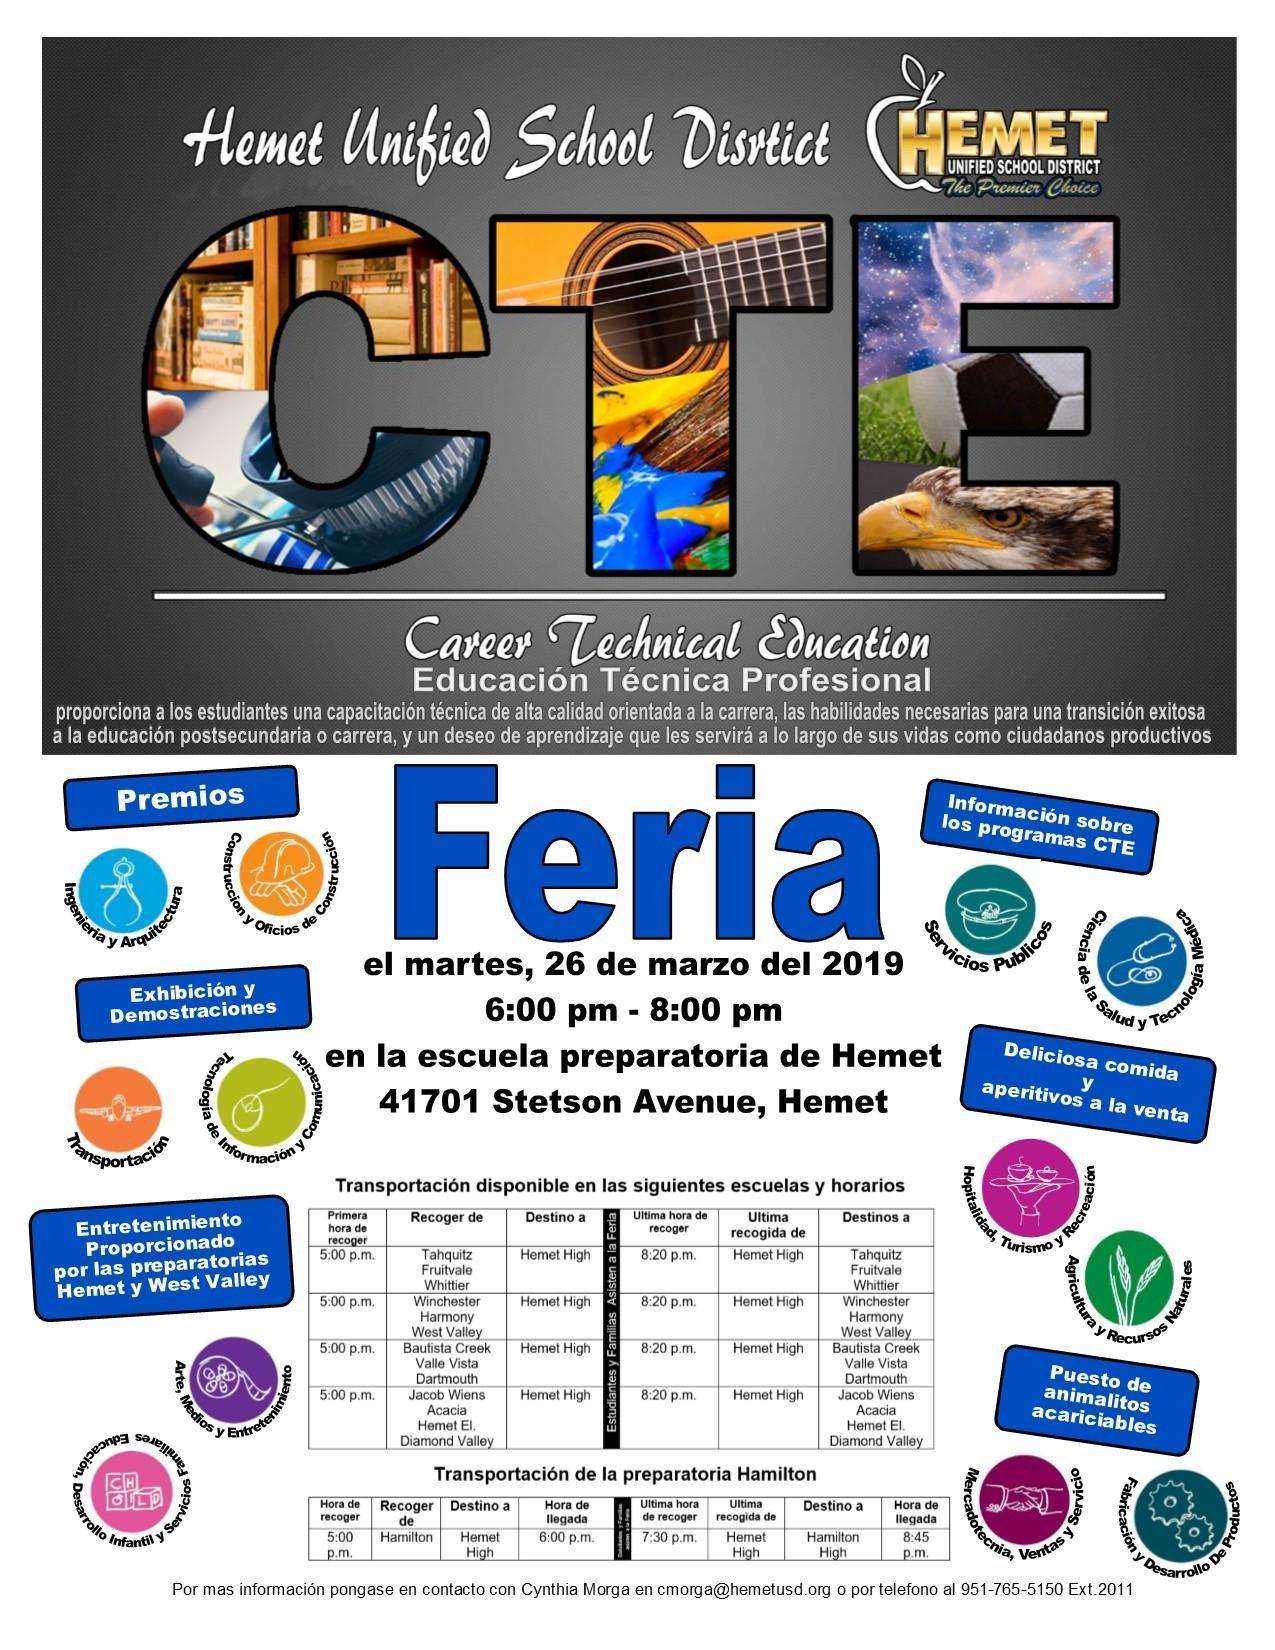 Feria de Education Tecnica Profesional del Distrito Escolar Unificado de Hemet